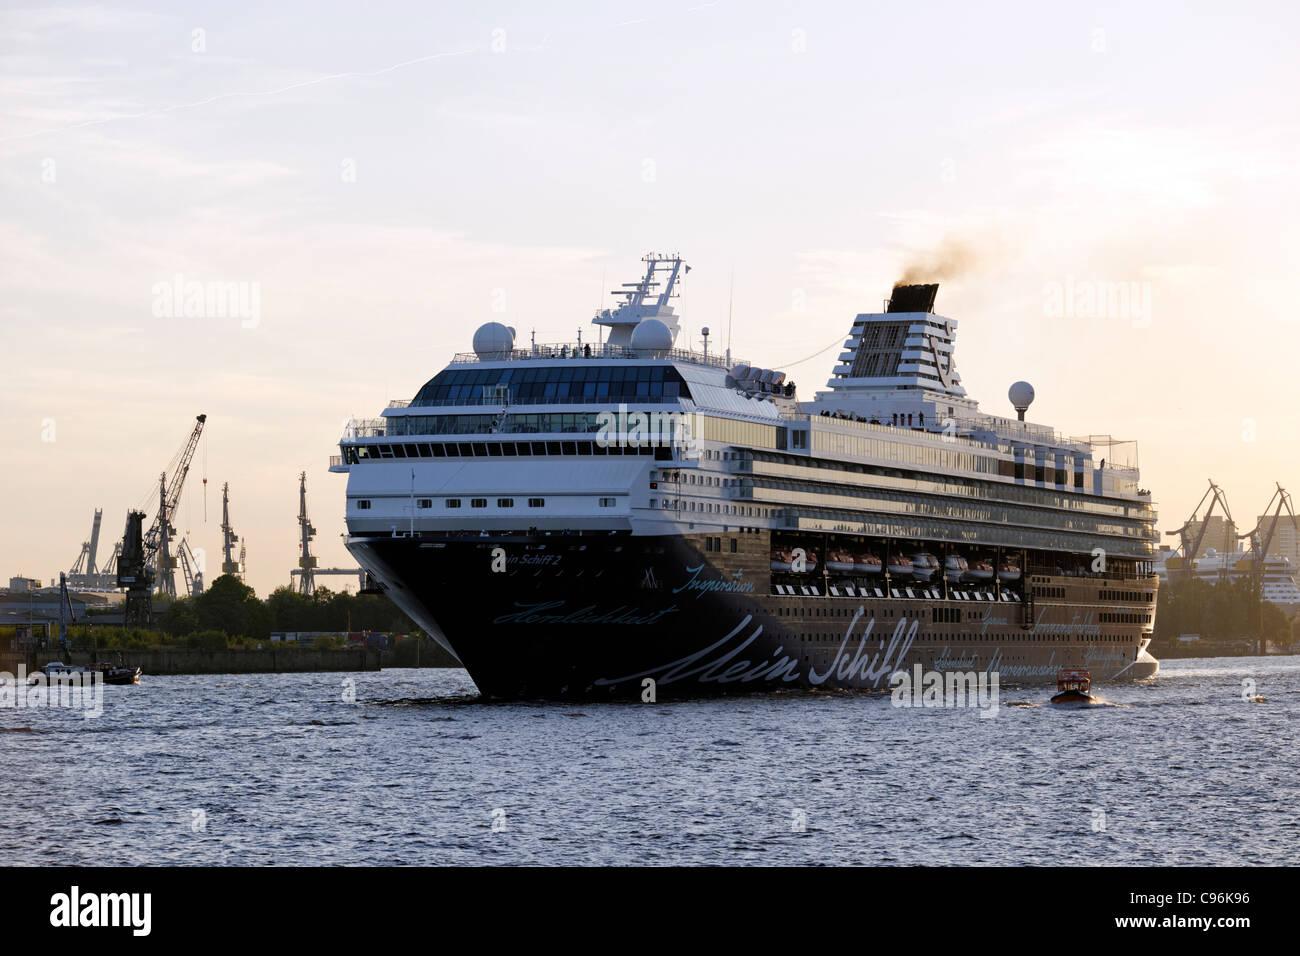 Cruise ship, Mein Schiff 2, in the port of Hamburg, Hamburg, Germany, Europe - Stock Image